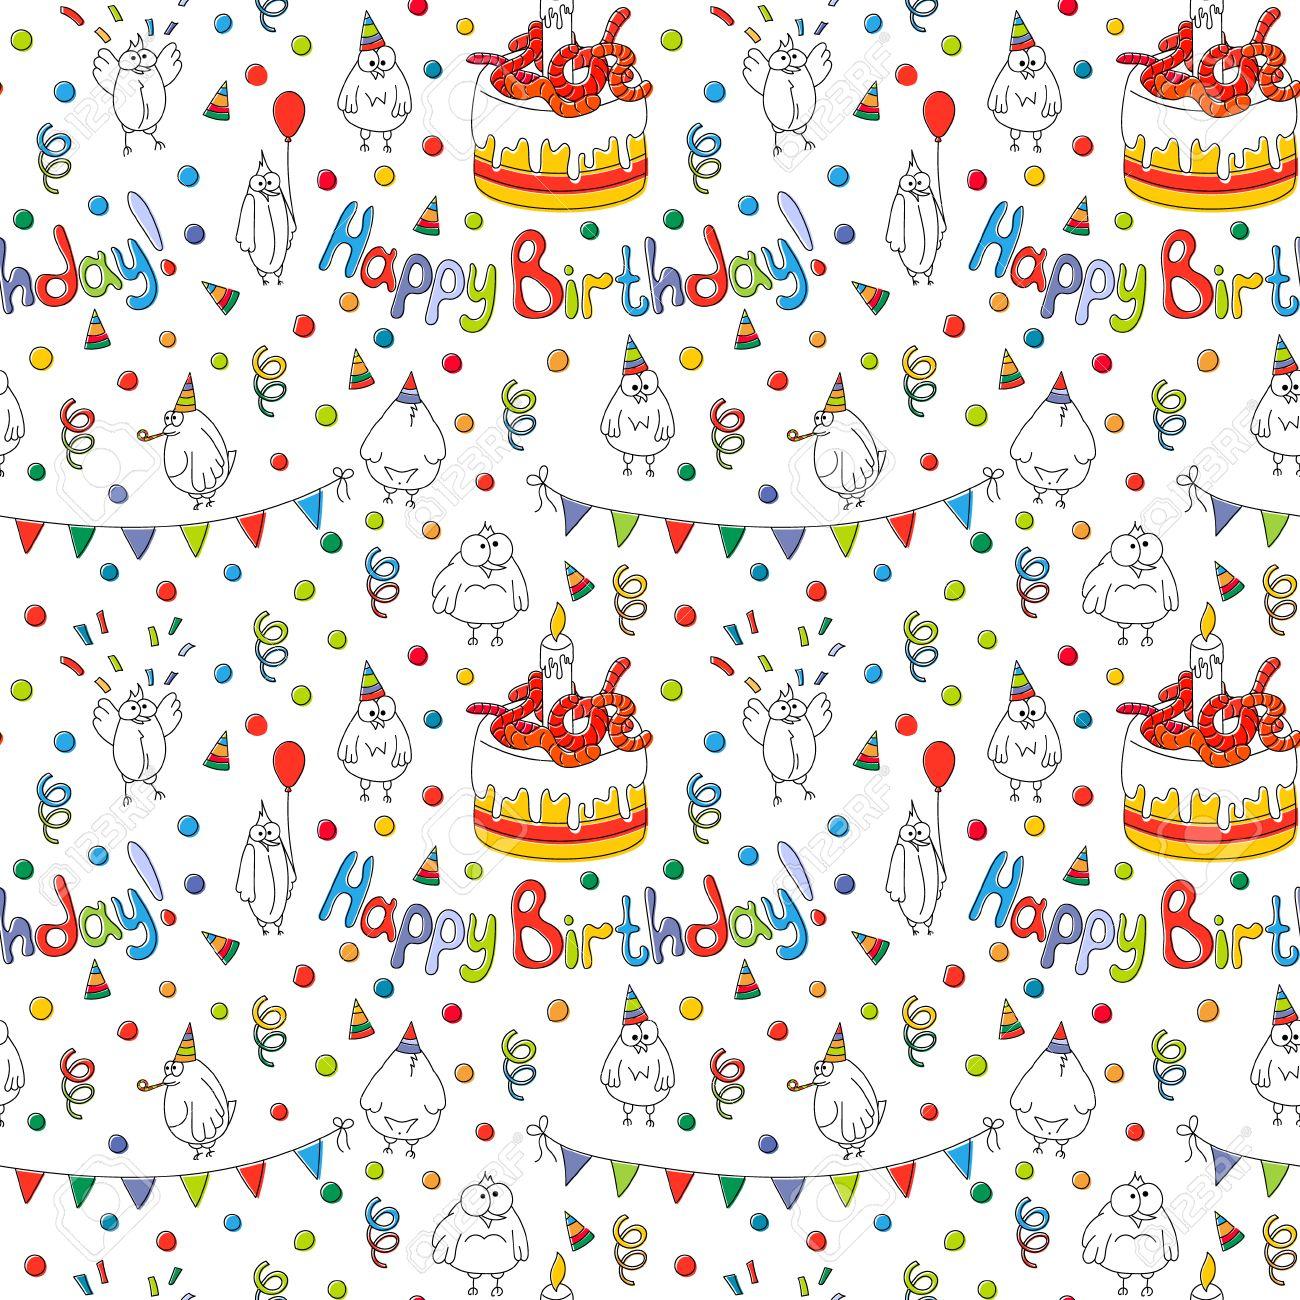 Alles Gute Zum Geburtstagskarte Cartoon Lustige Vogel An Einer